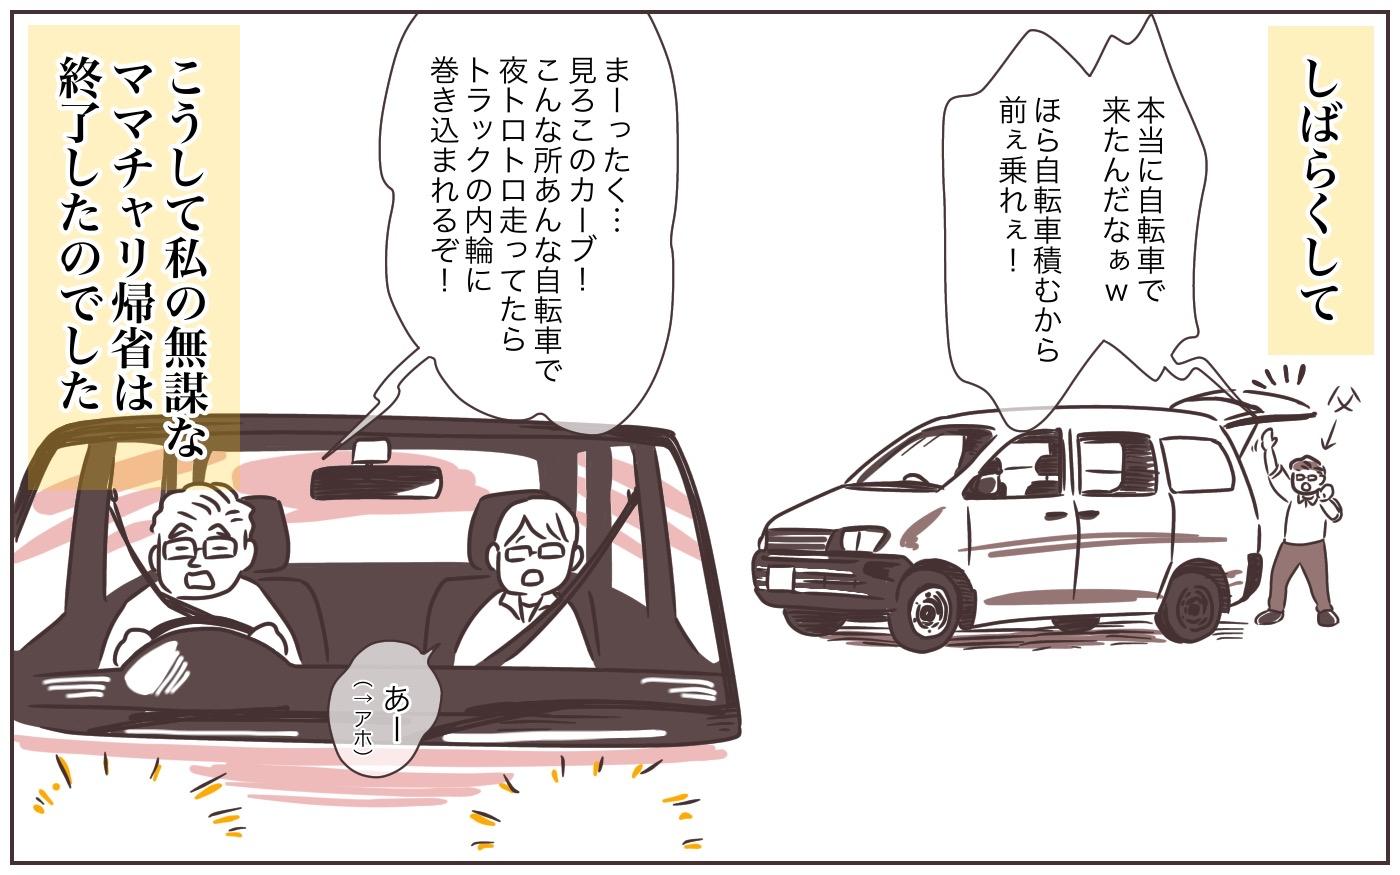 父が車で迎えに来てくれることに。こうして私の無謀なママチャリ帰省は終了した。